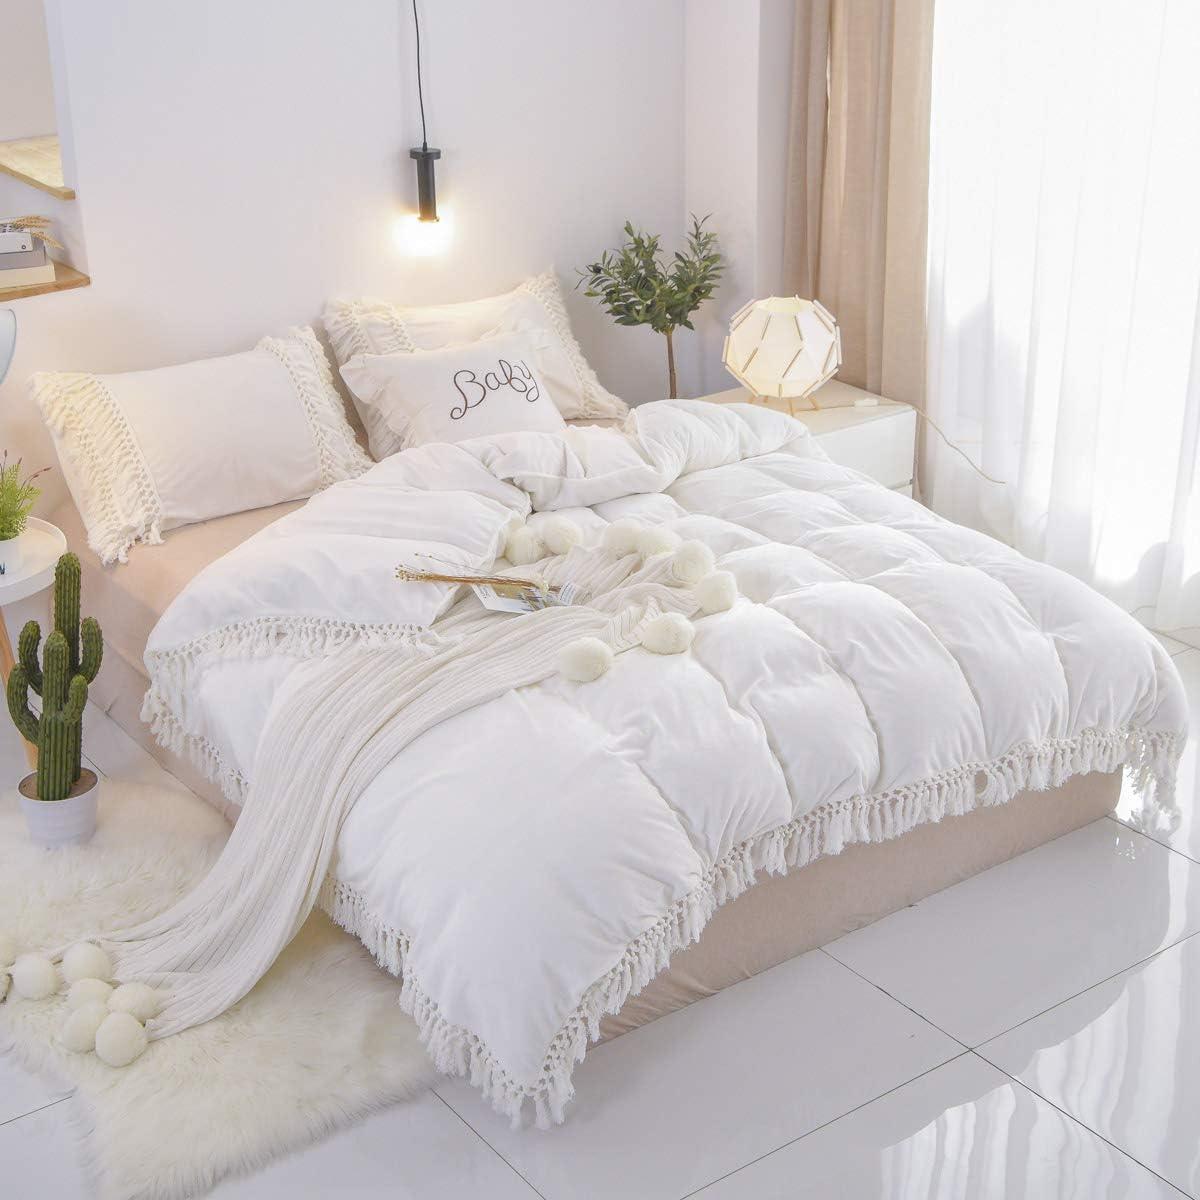 Brandream California King Duvet 2021 model Cover Pcs Financial sales sale 3 Boho Velvet Bedding